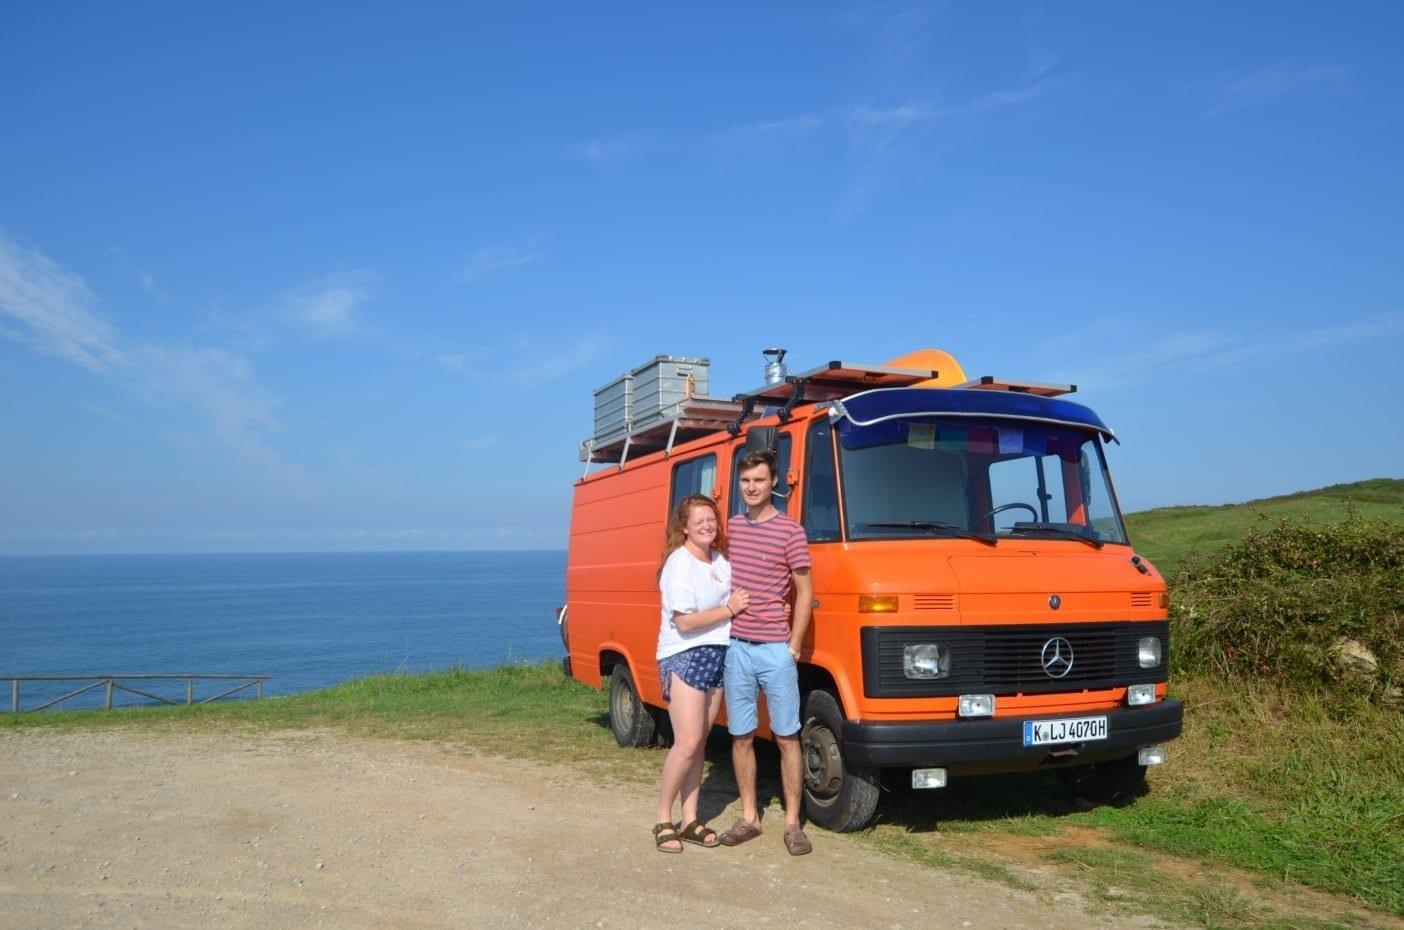 Mercedes-407d-camper-düdo-leergewicht-wohnmobil-strand-meer-freistehen-pärchen-oldtimer-gutachten